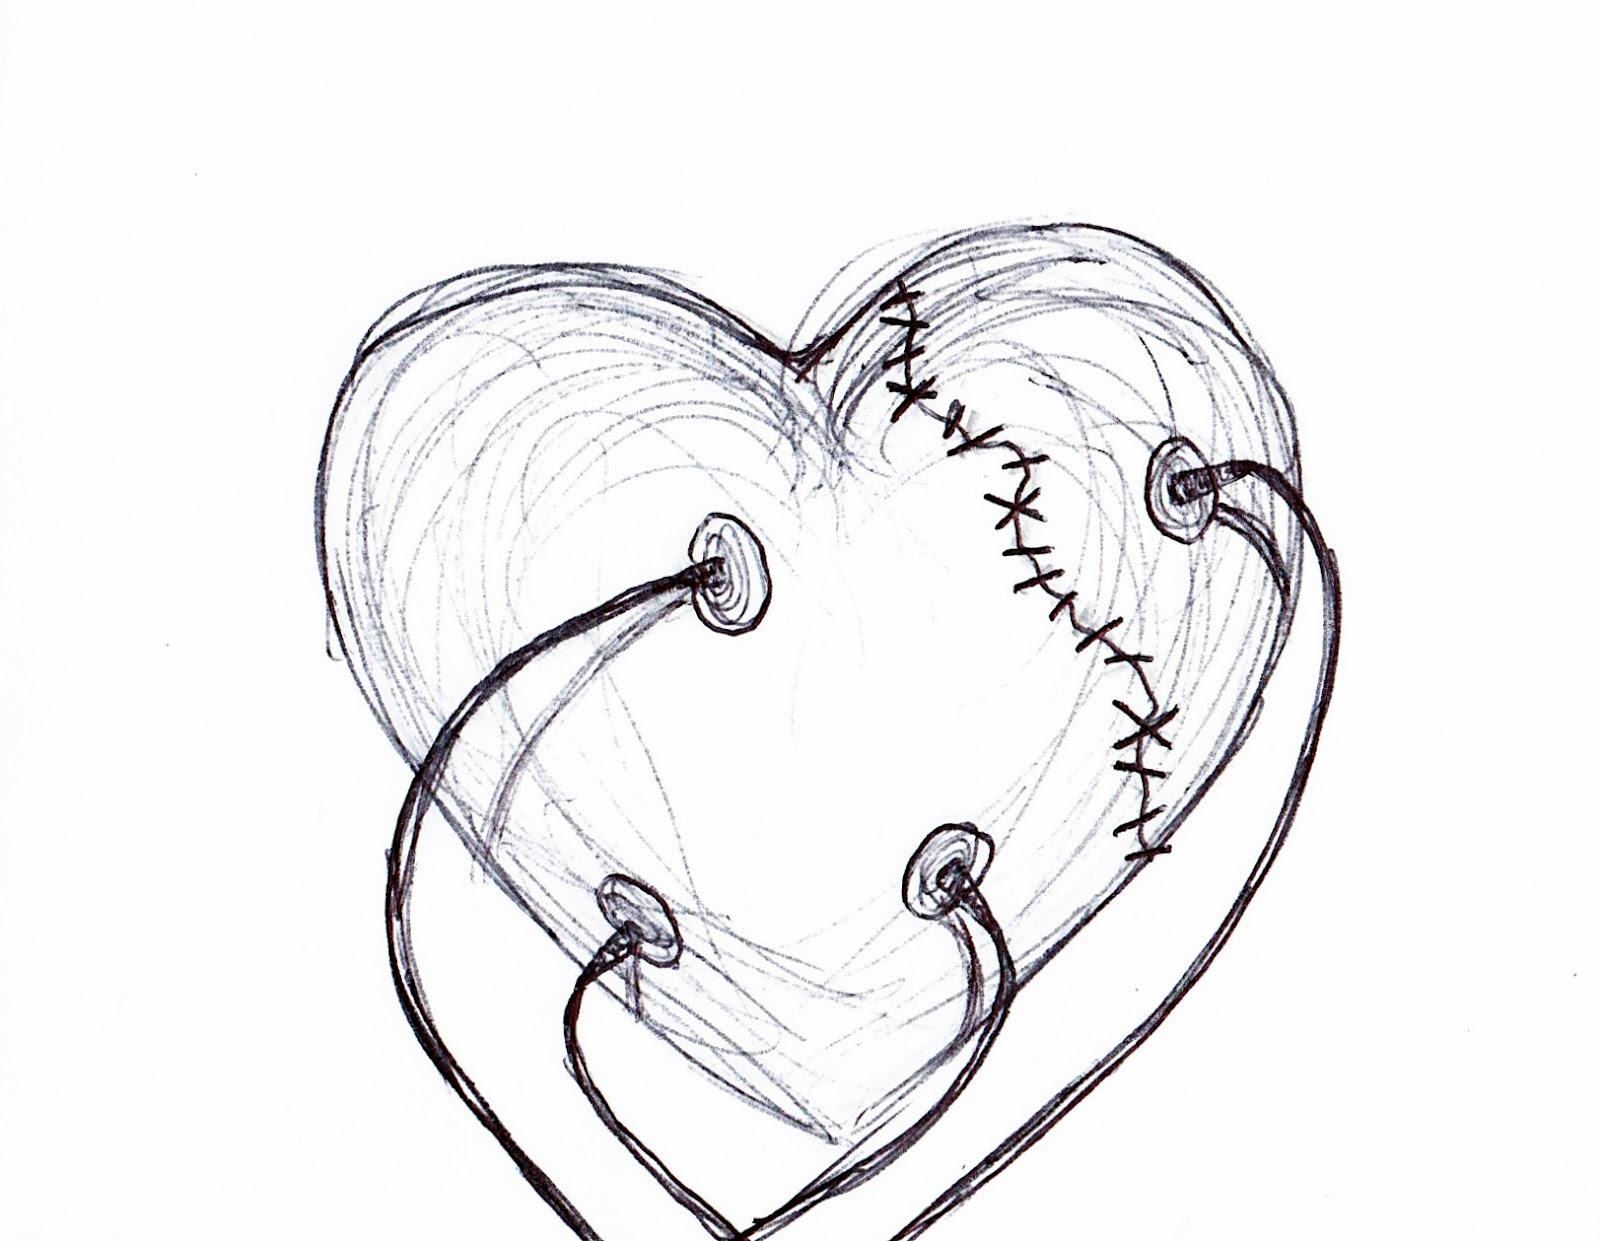 1600x1241 Heart Broken Sketch